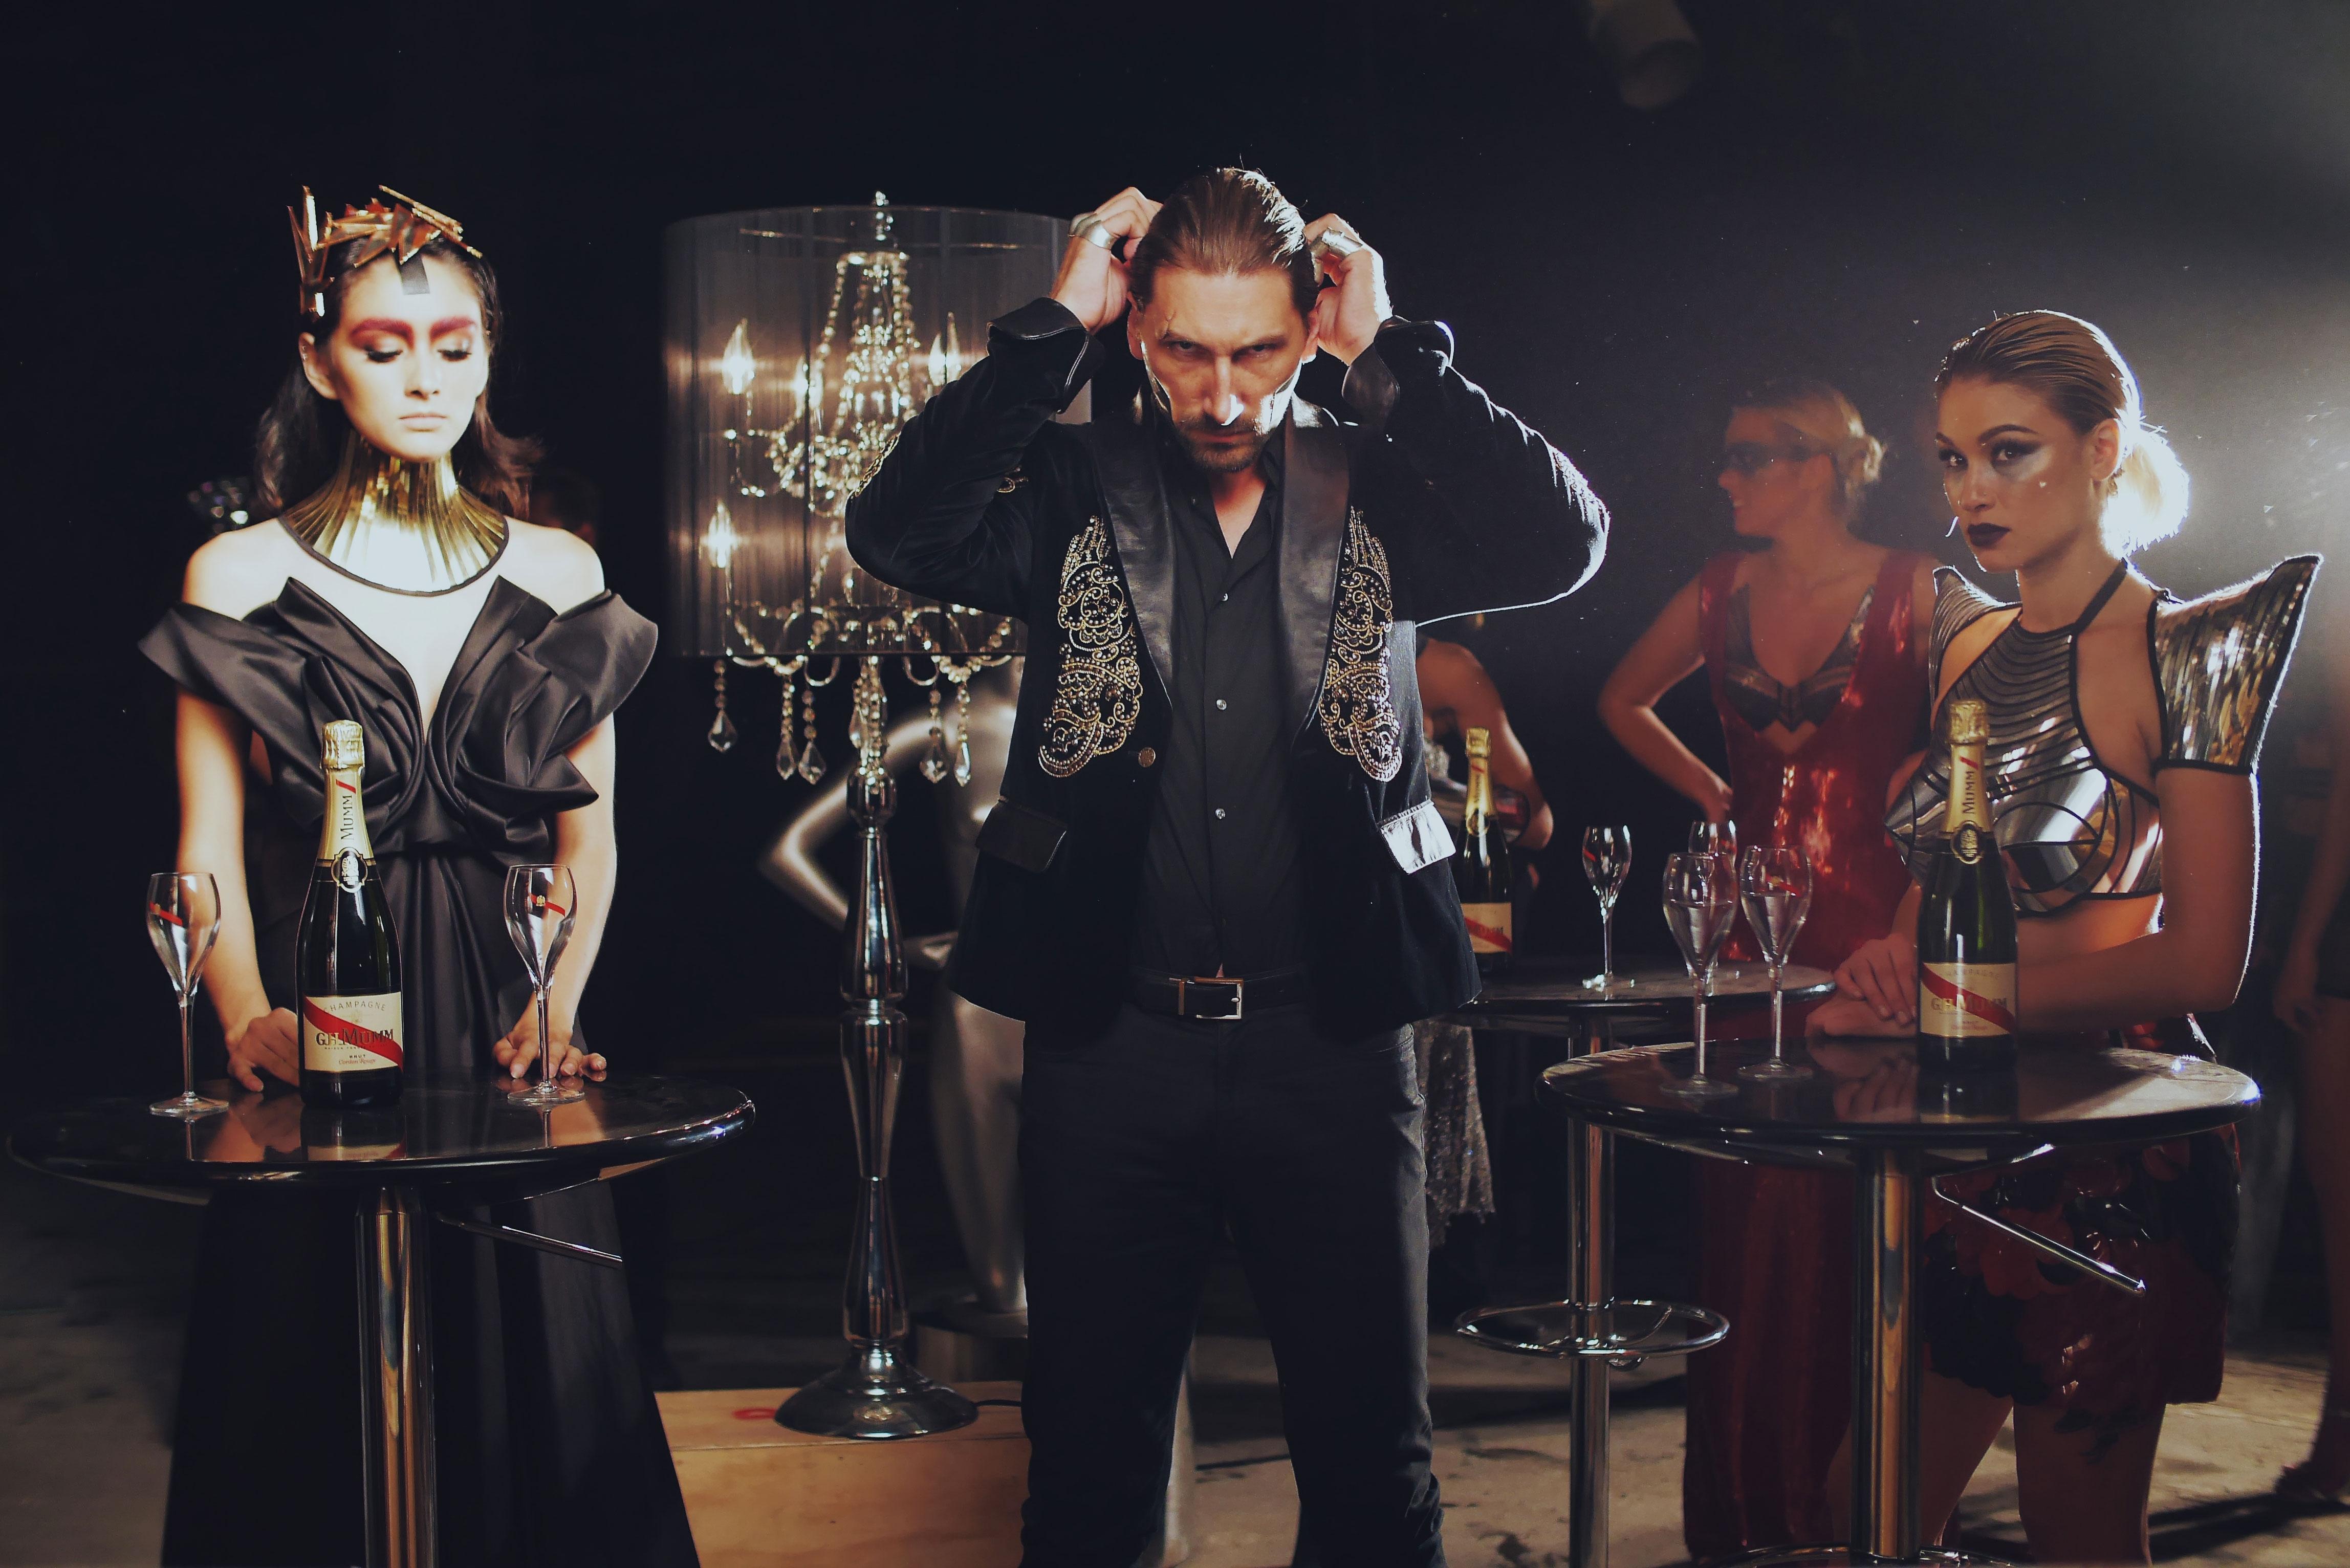 TRAS LOS FOCOS DEL NUEVO VÍDEO DE DAVID GUETTA, 'BANG MY HEAD'